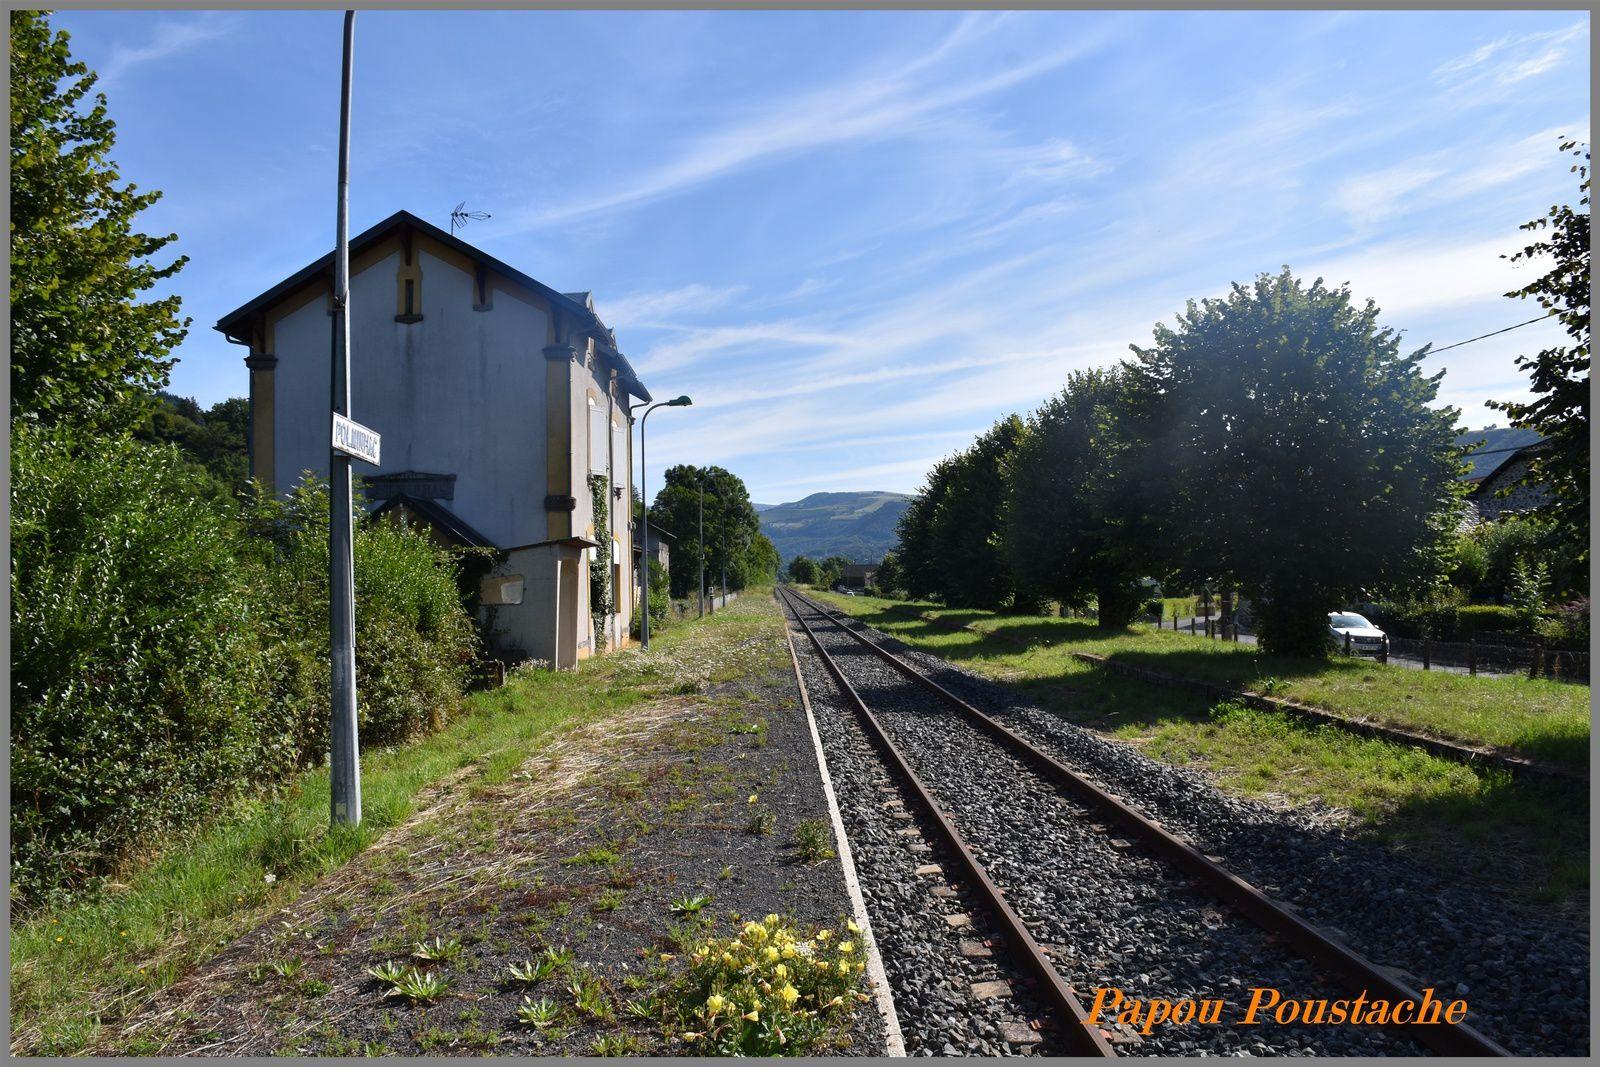 La gare de Polminhac